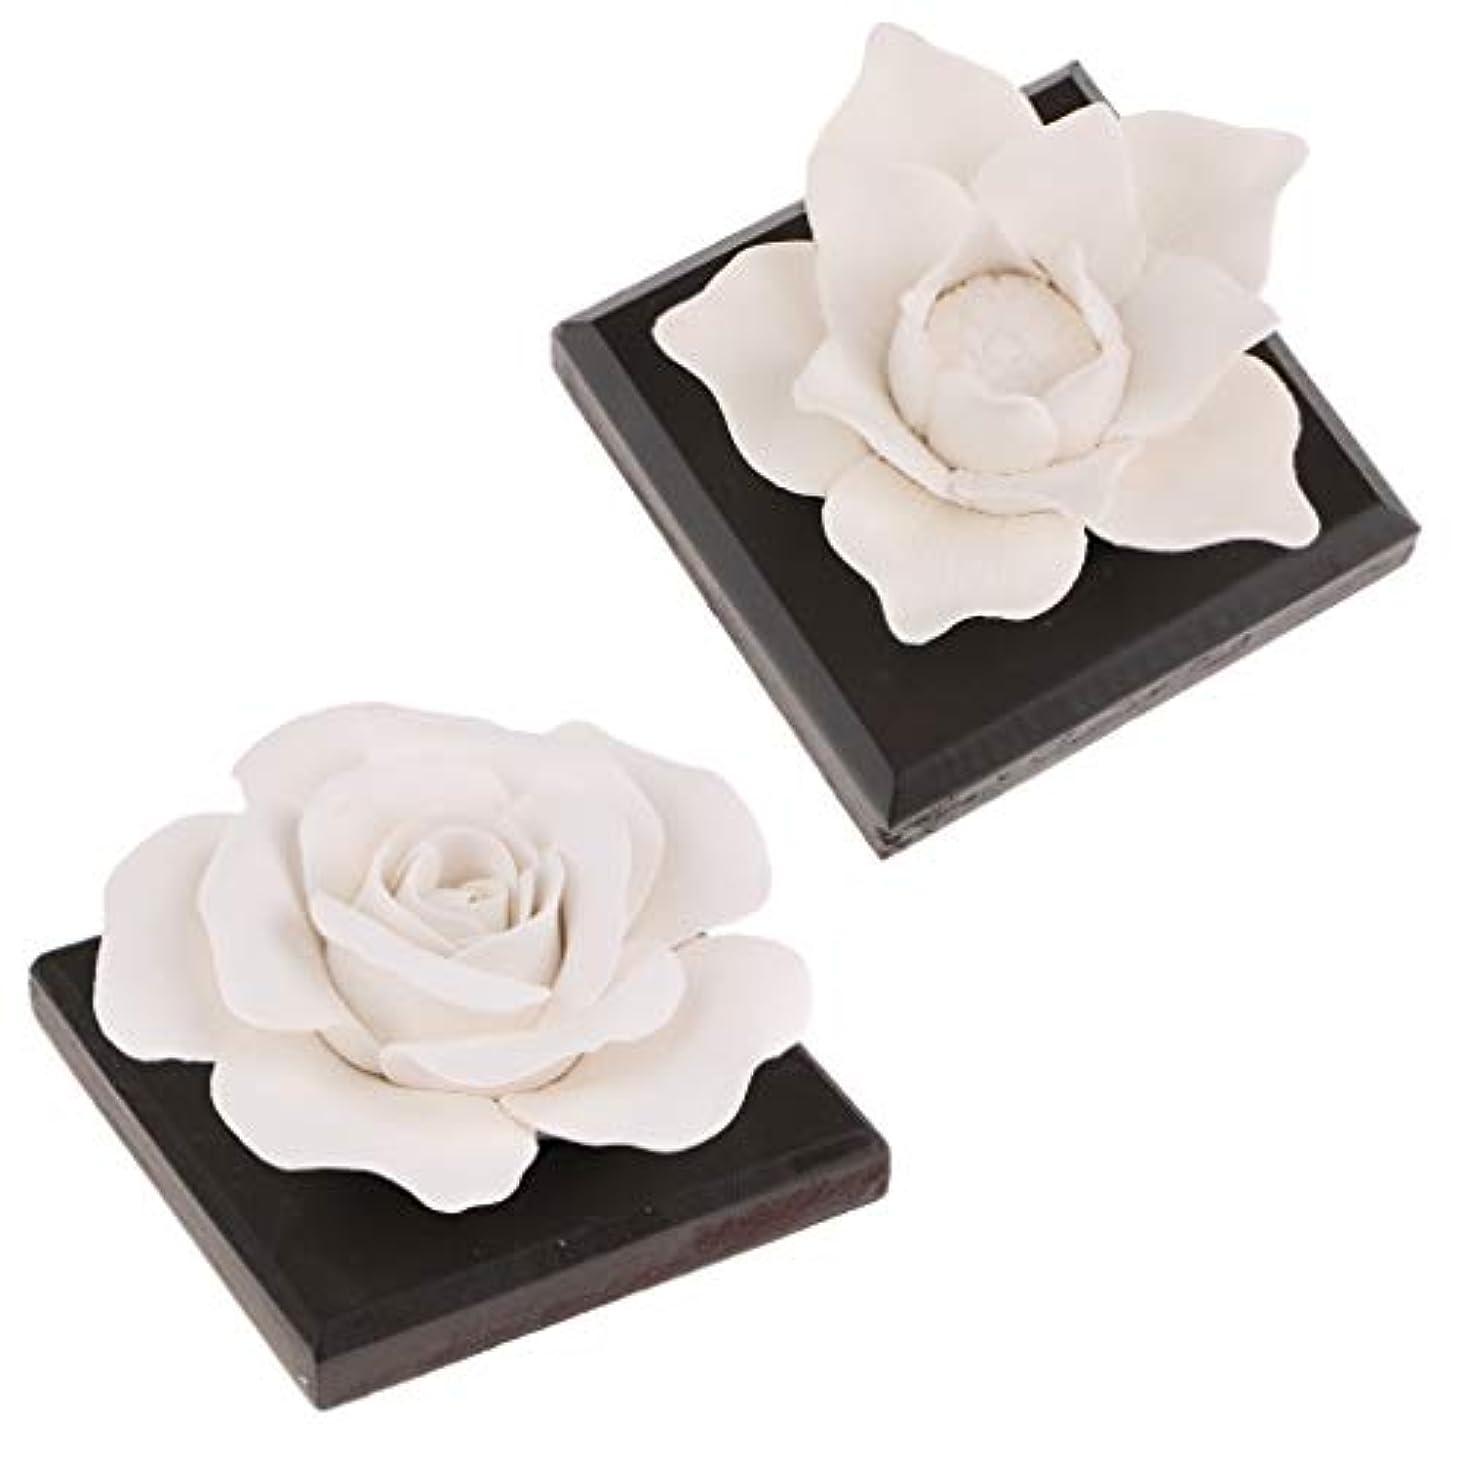 メアリアンジョーンズ来て発行FLAMEER 2パックの白い花の陶磁器の芳香剤の香水のにおいの拡散器の装飾の技術